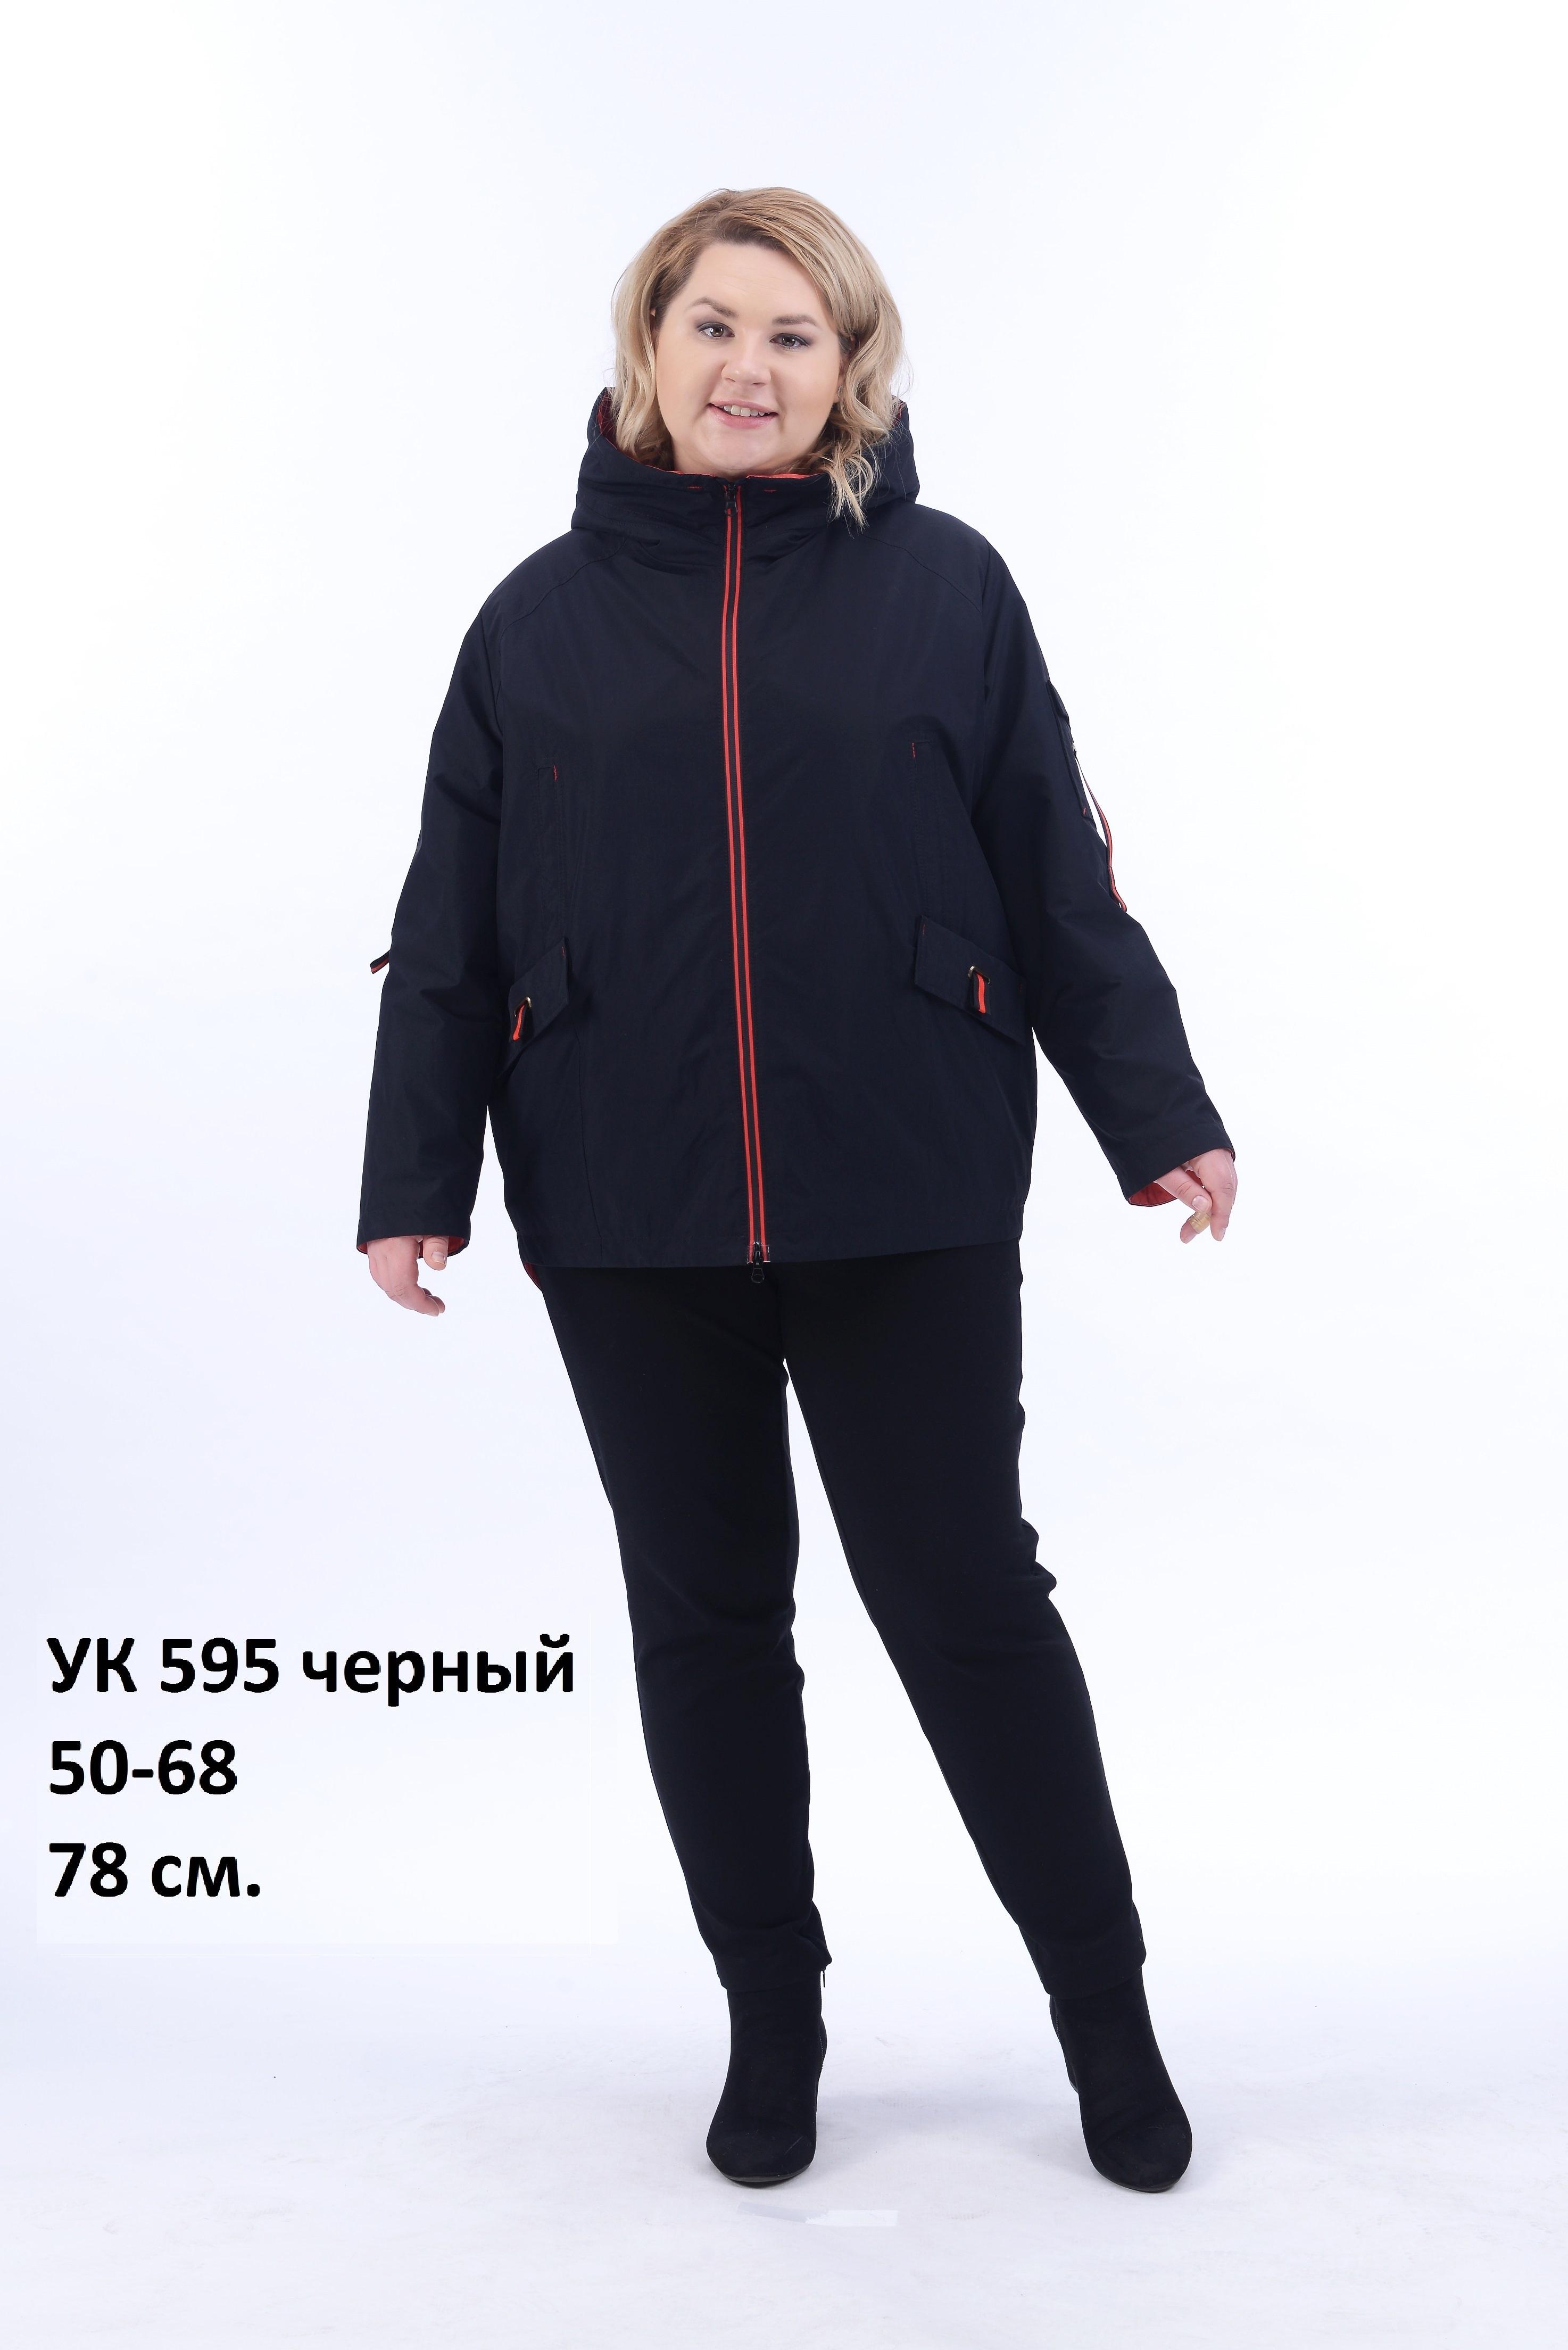 УК 595 черный 50-68